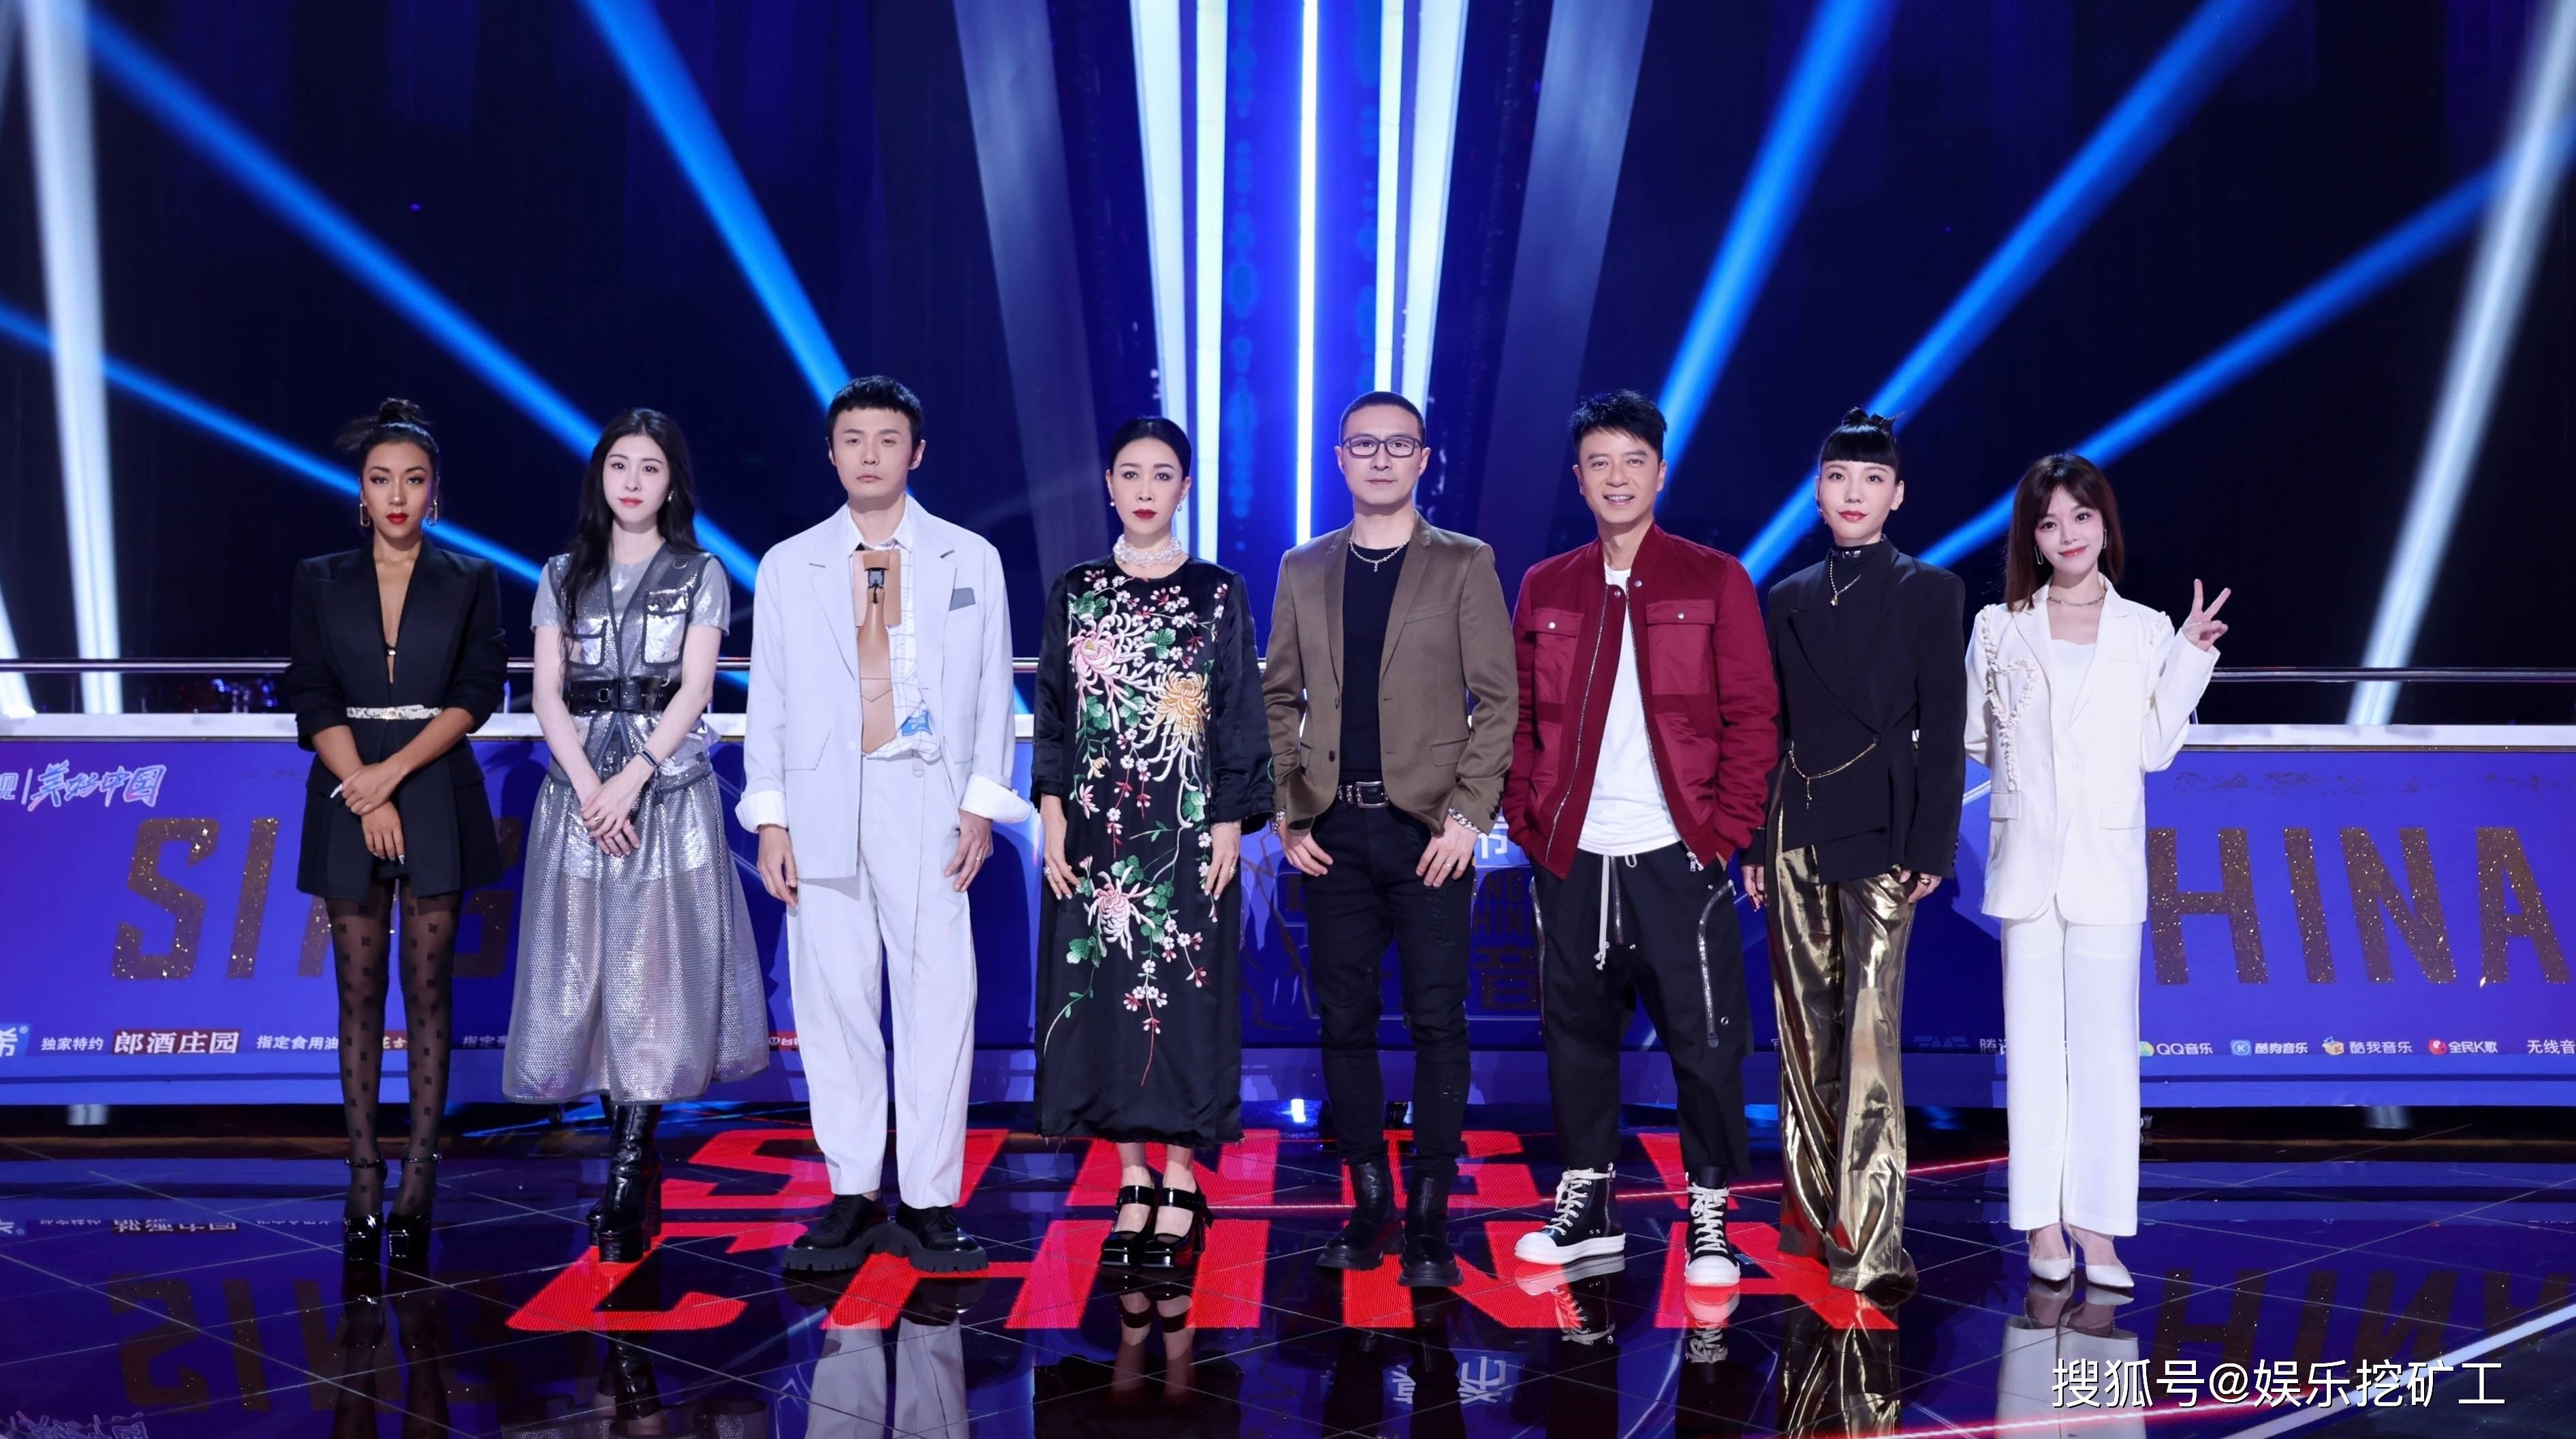 《中国好声音2021》,那英汪峰李荣浩回归,好声音终于回到老配方